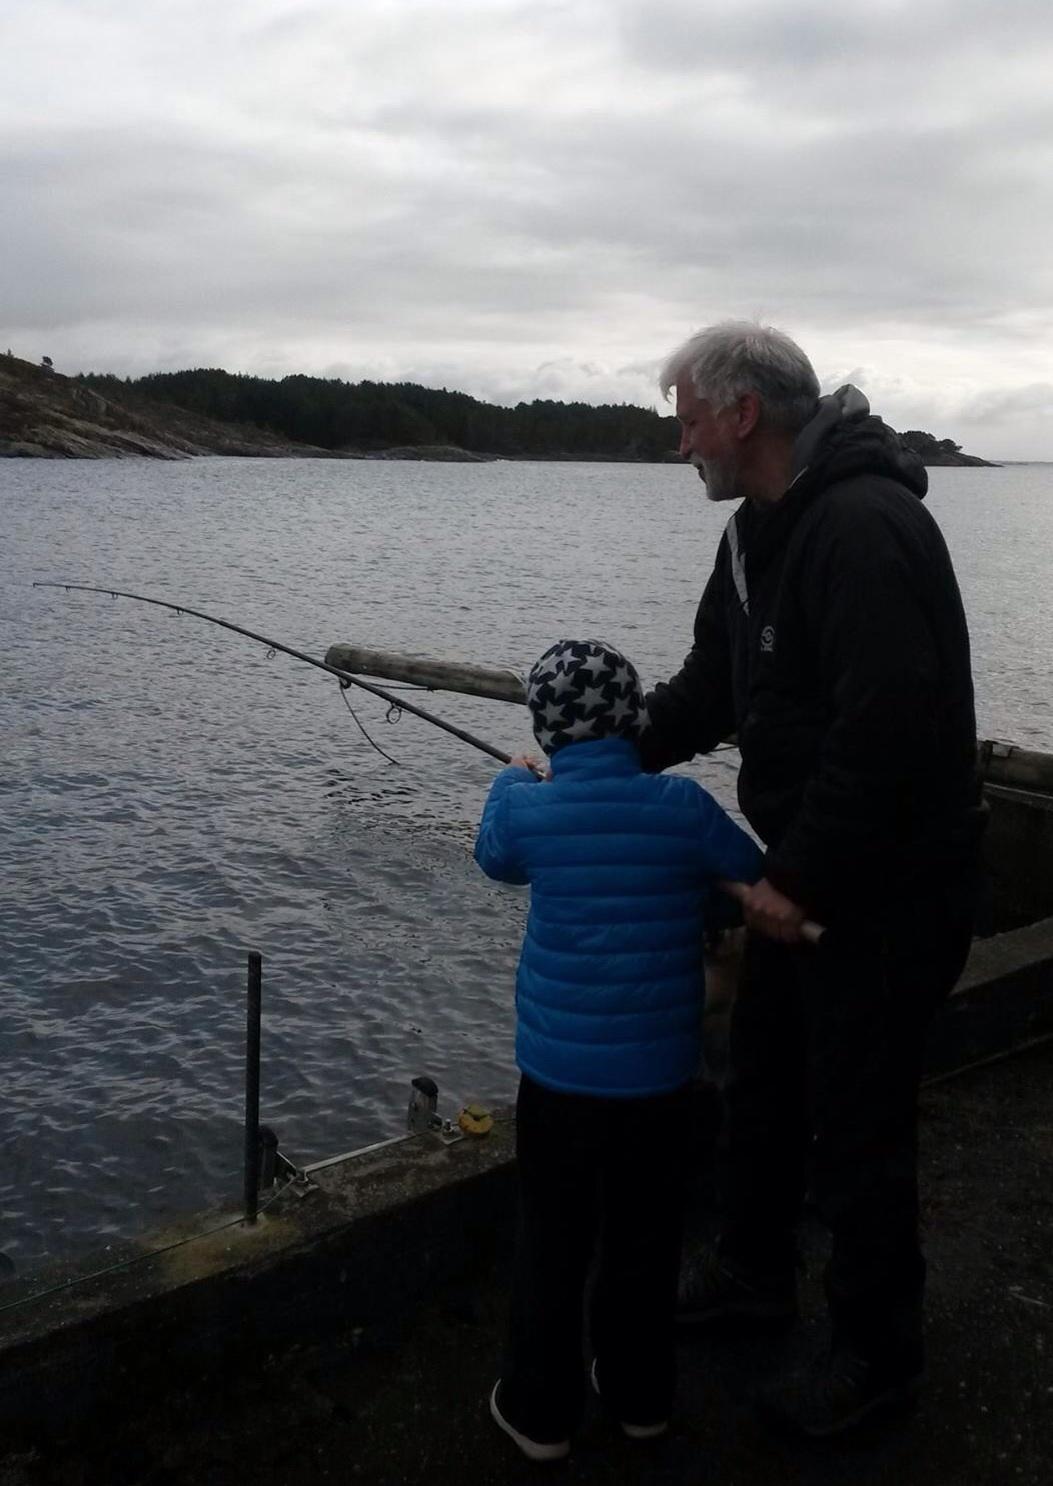 Vi har med fiskestenger og masse aktiviteter, så vi kan gjøre noe inne, hvis været svikter